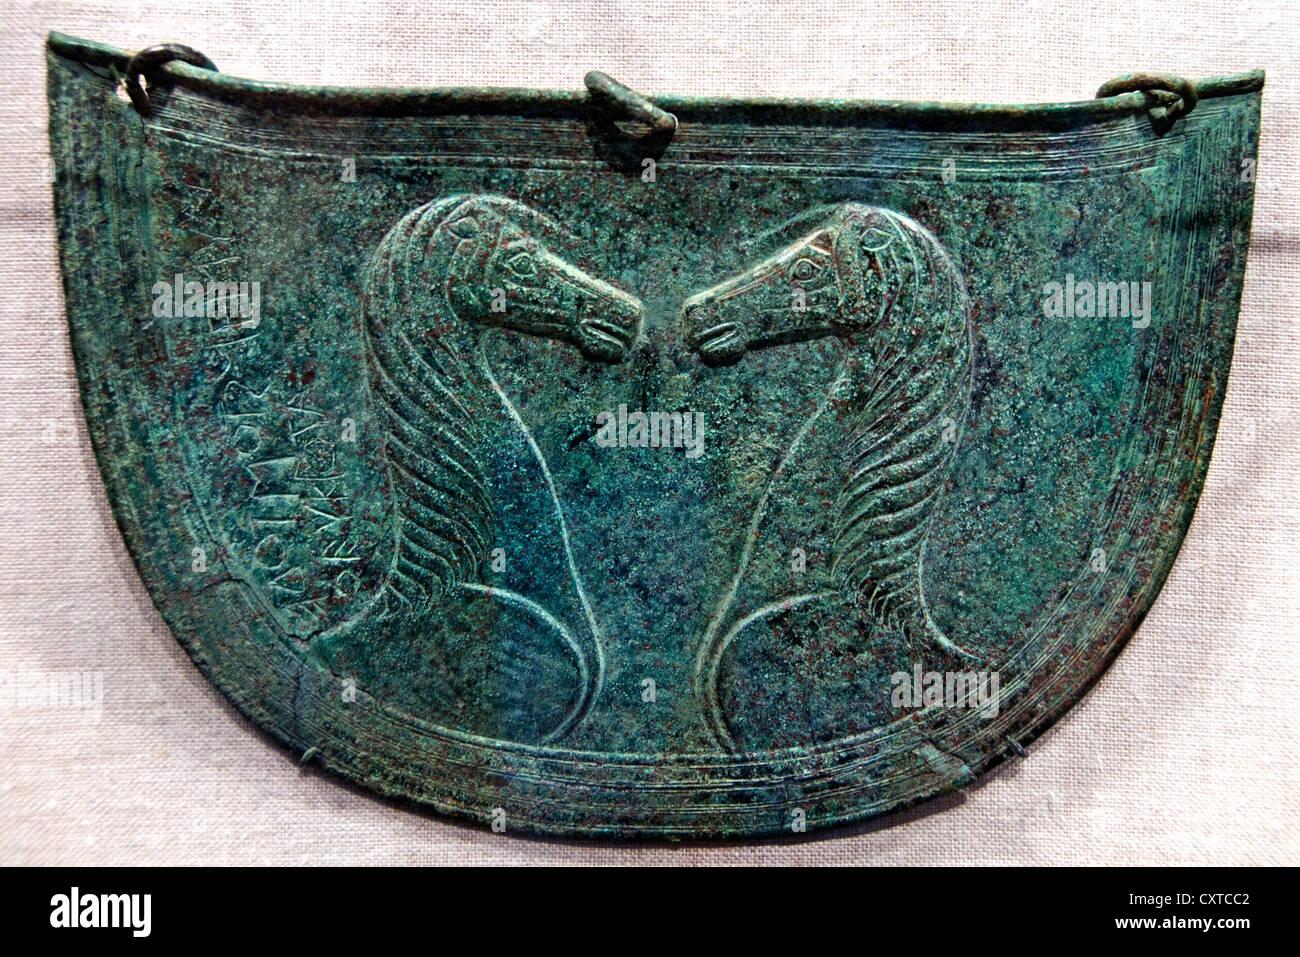 Bronzo ventre mitrai protezioni per i cavalli del VII secolo a.c. 7 Creta Grecia Creta Grecia Immagini Stock